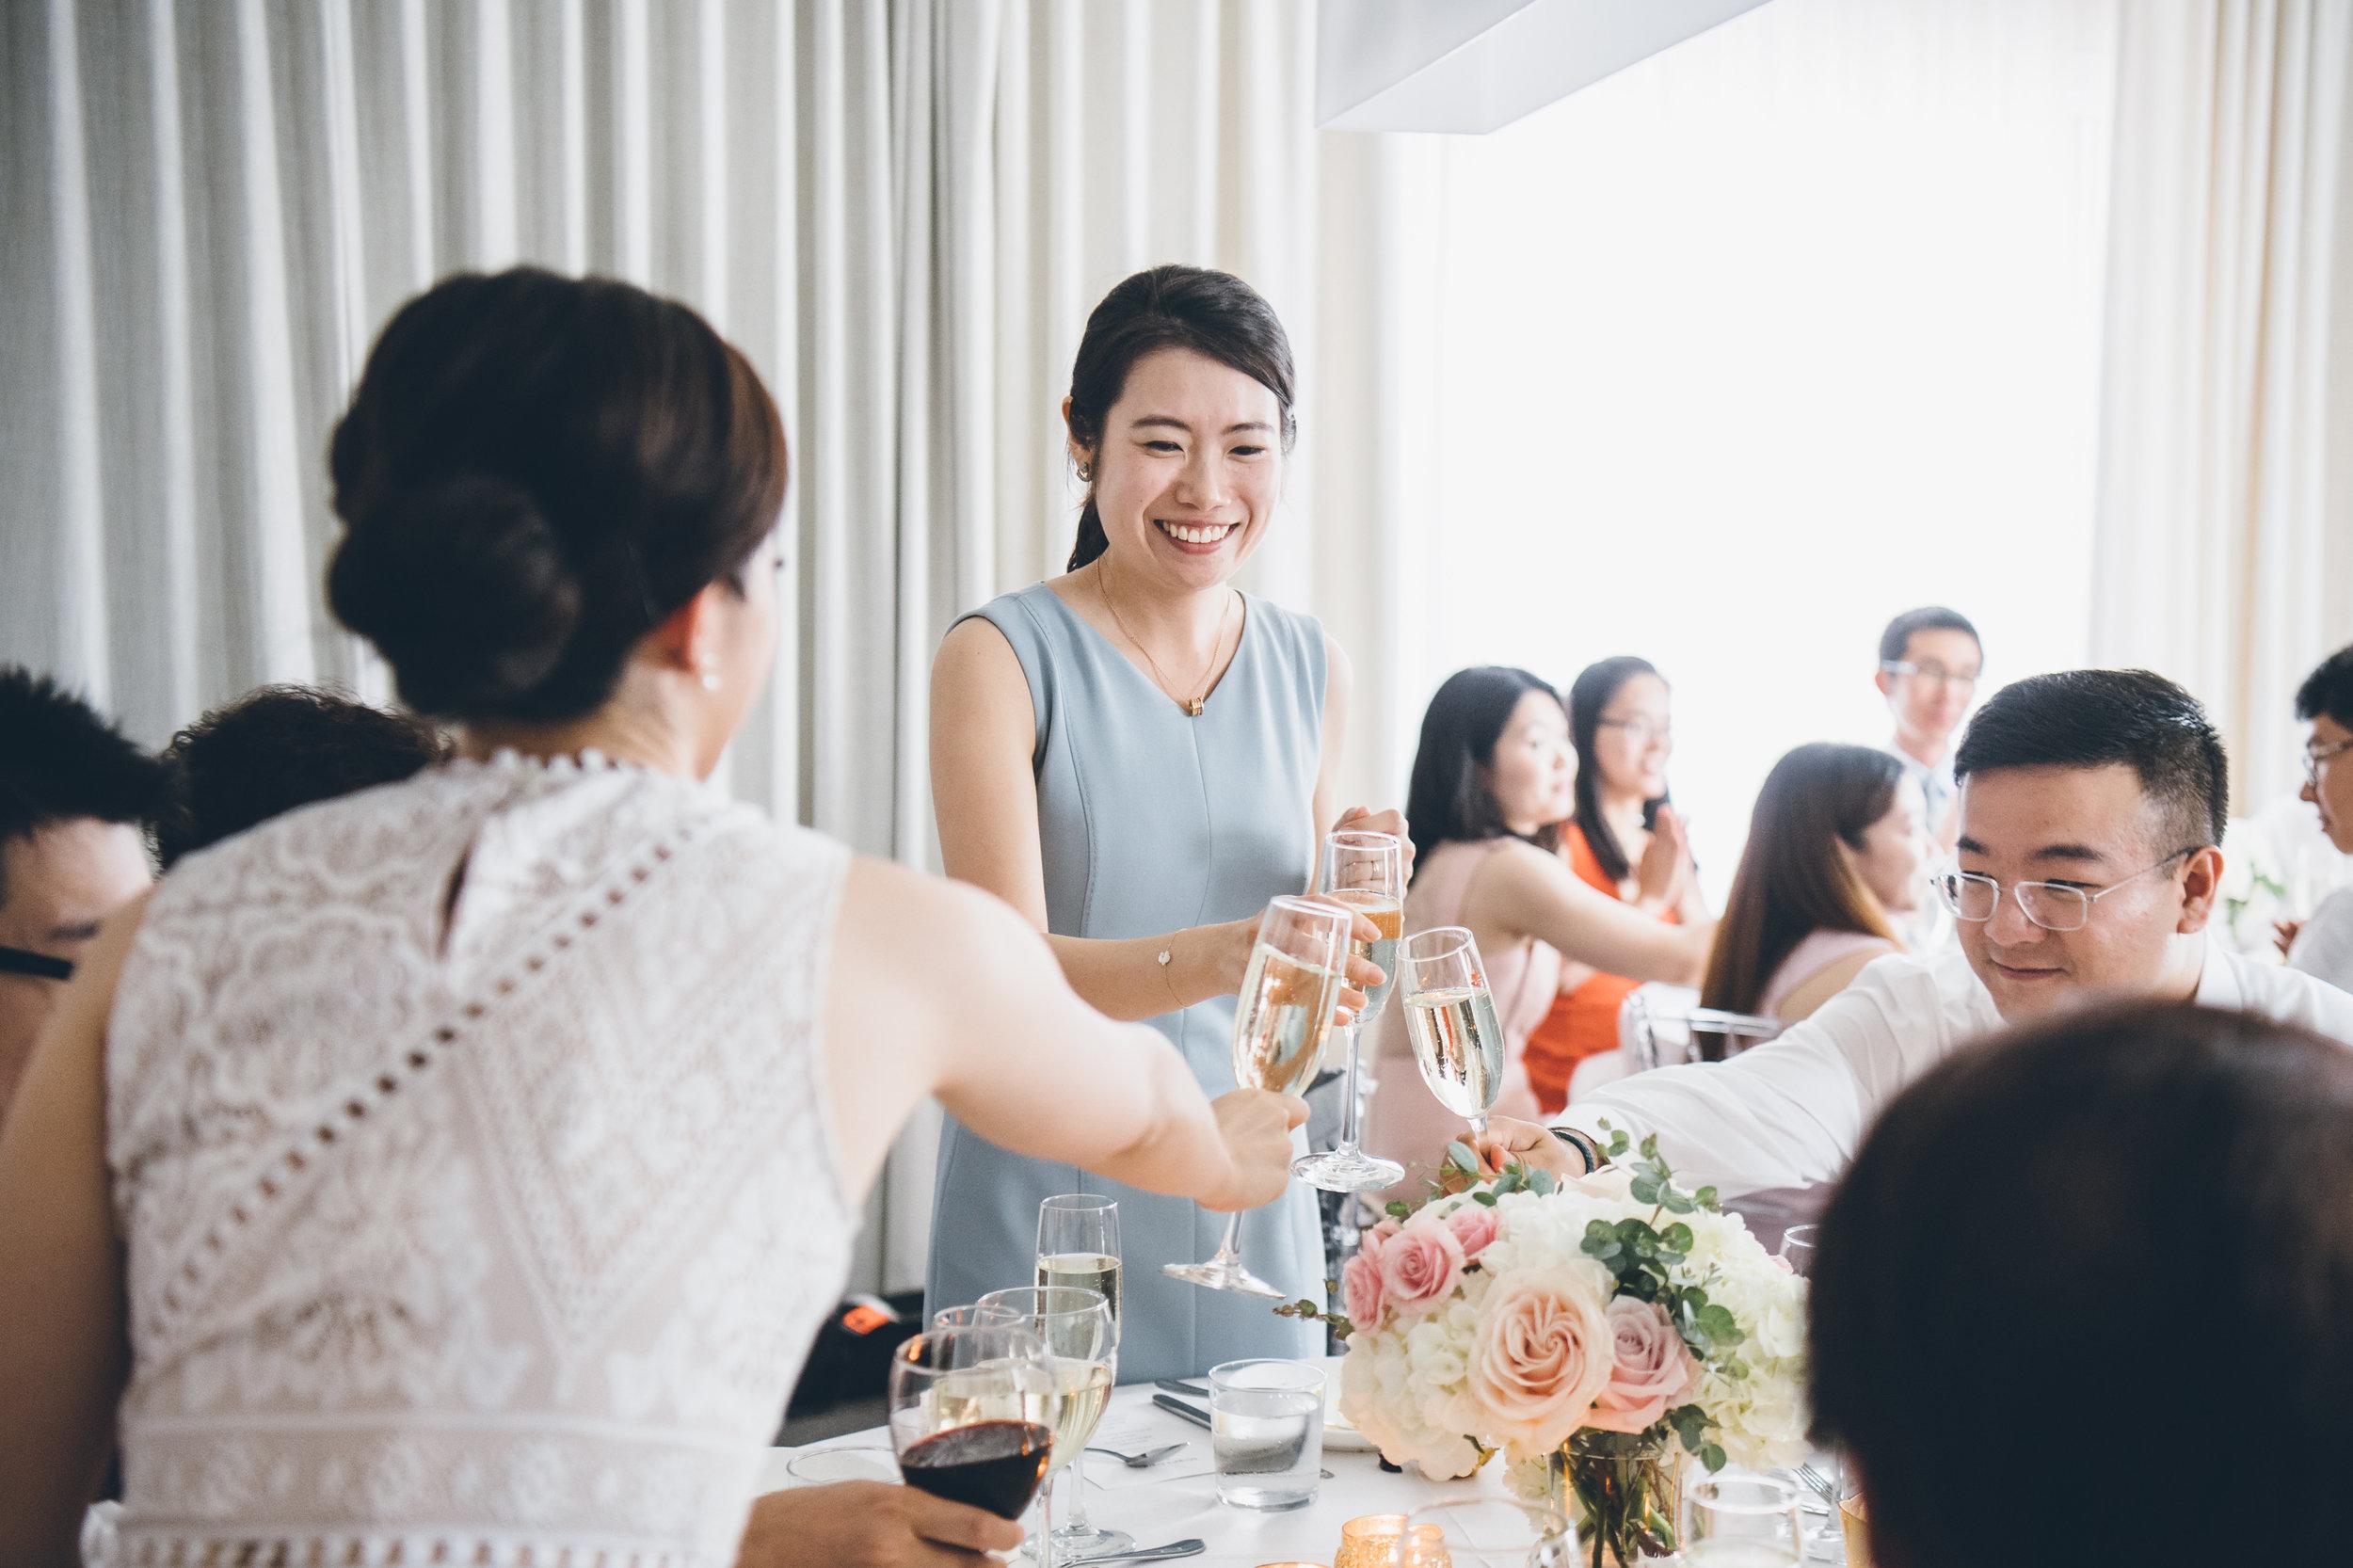 180701 Jessie _ Mingyi Wedding-172.jpg